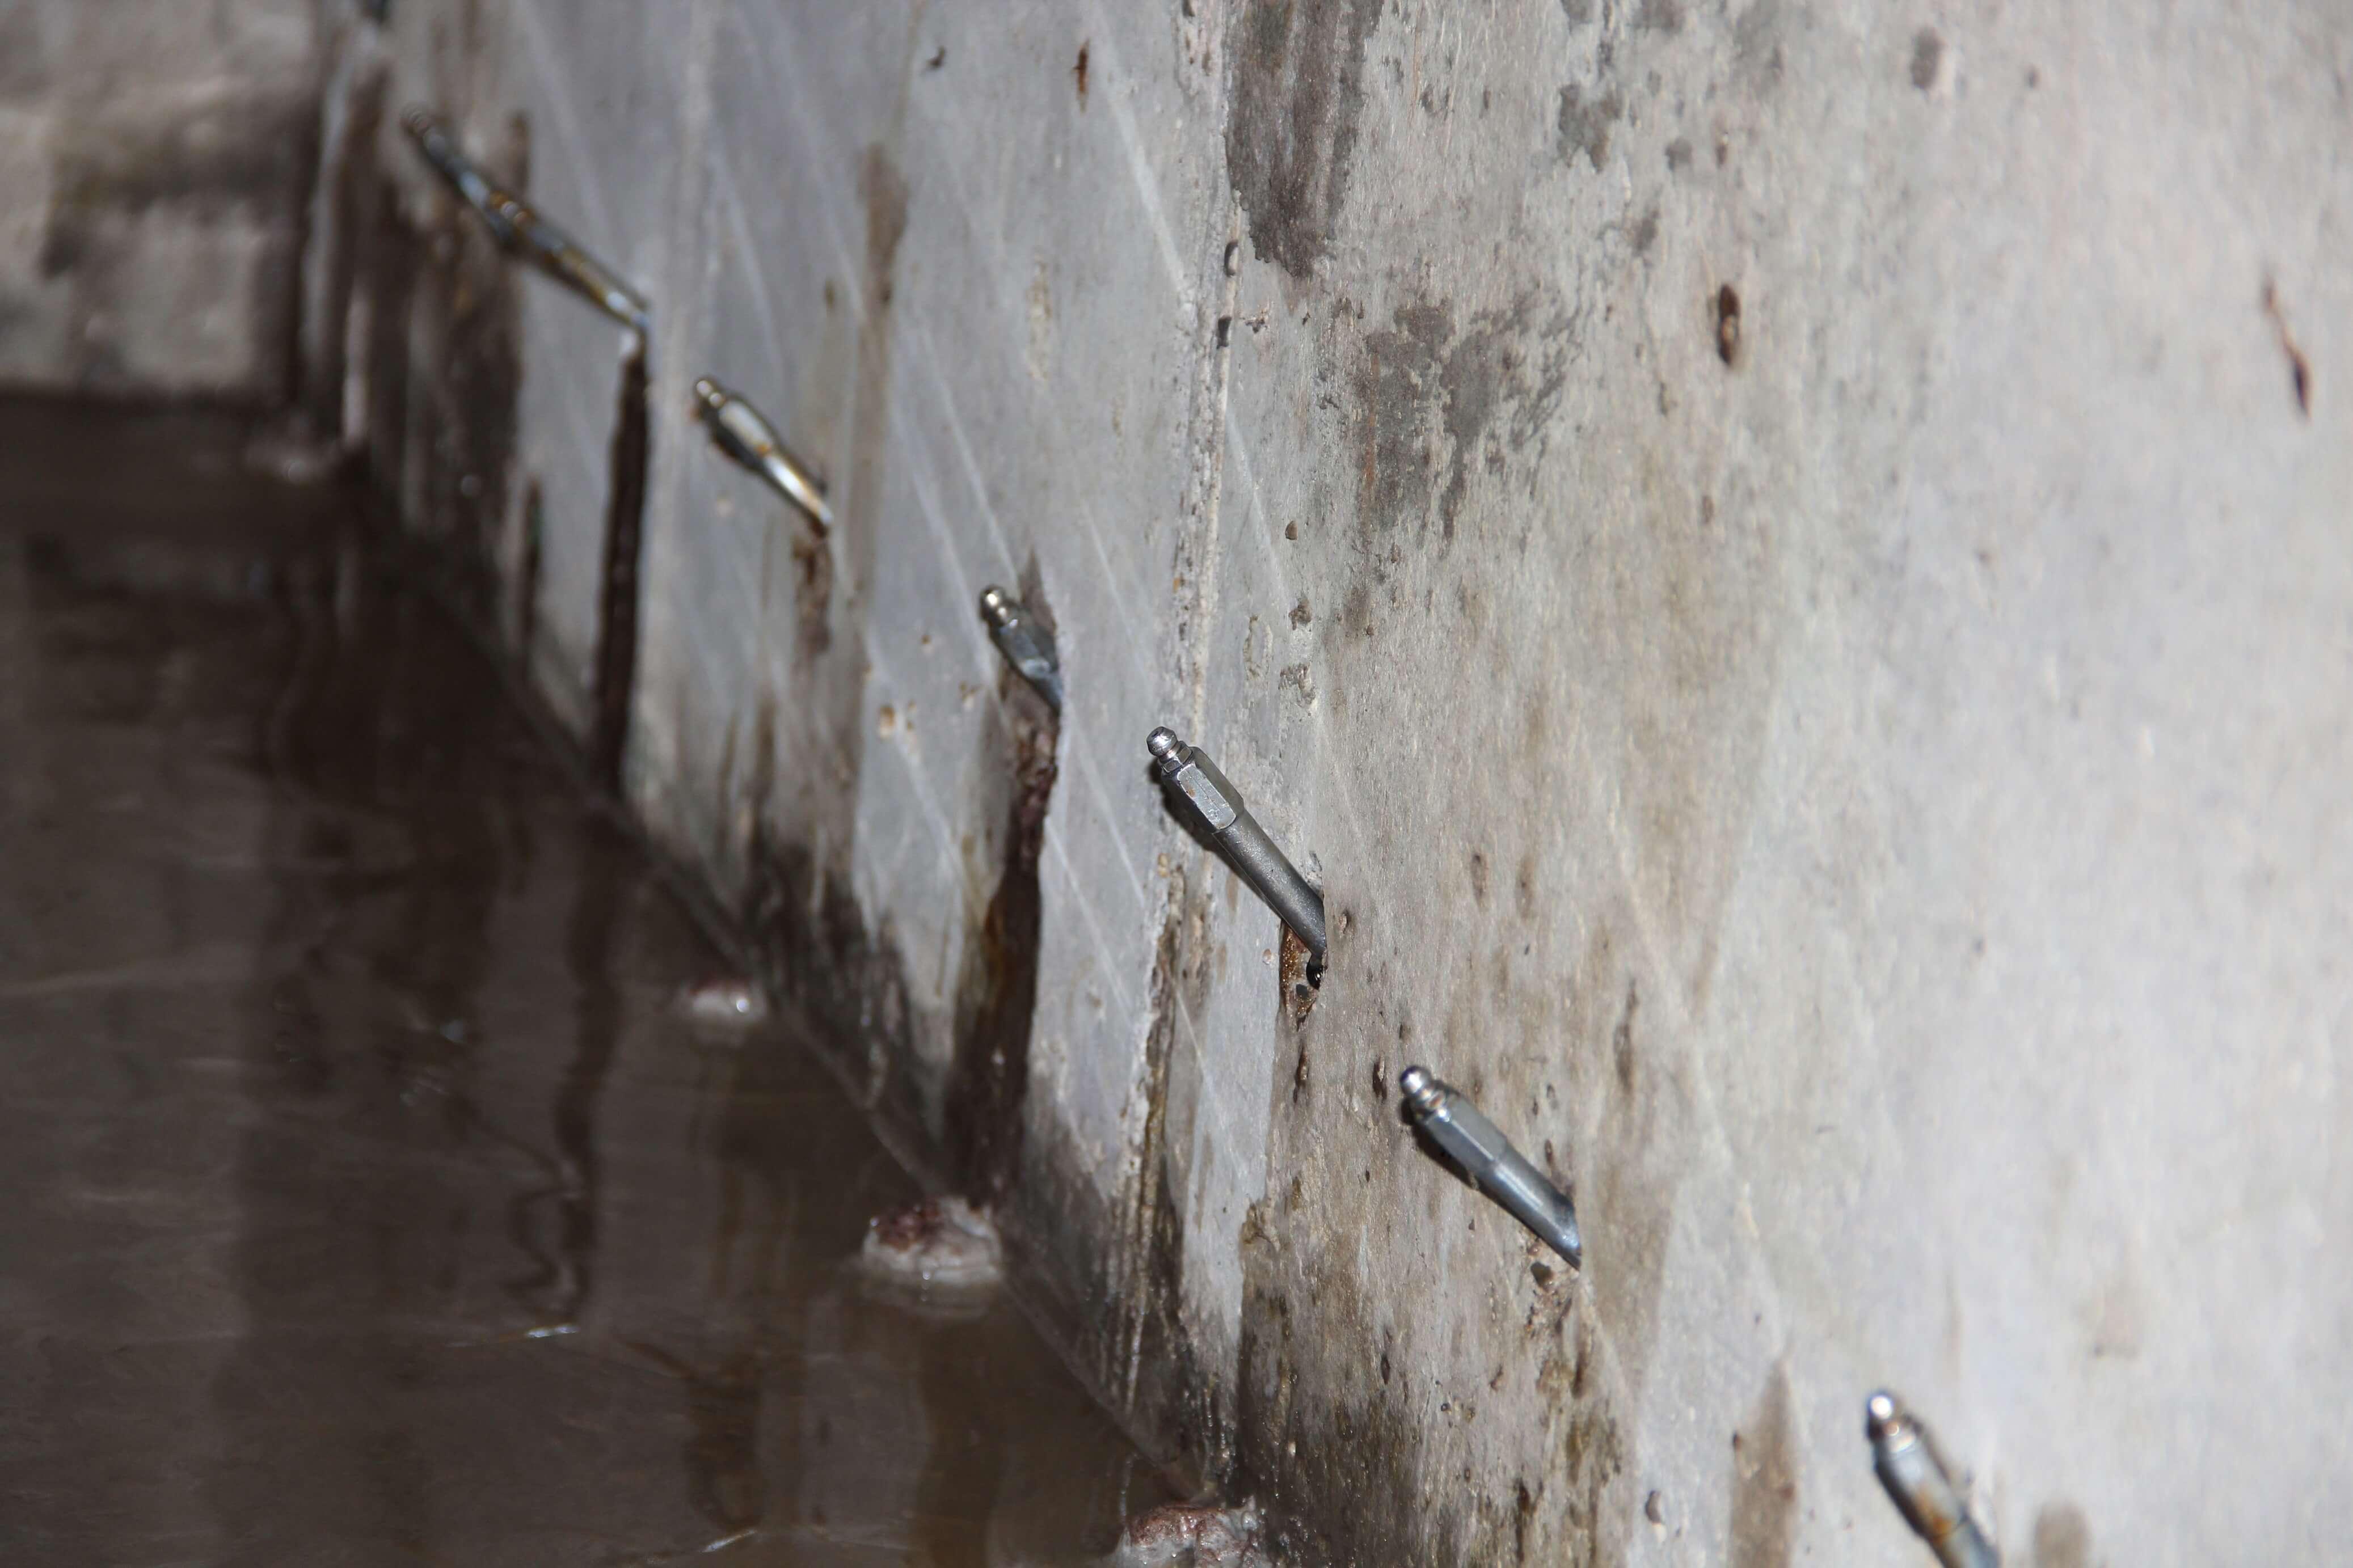 Инъектирование бетона и заделка трещин инъектором